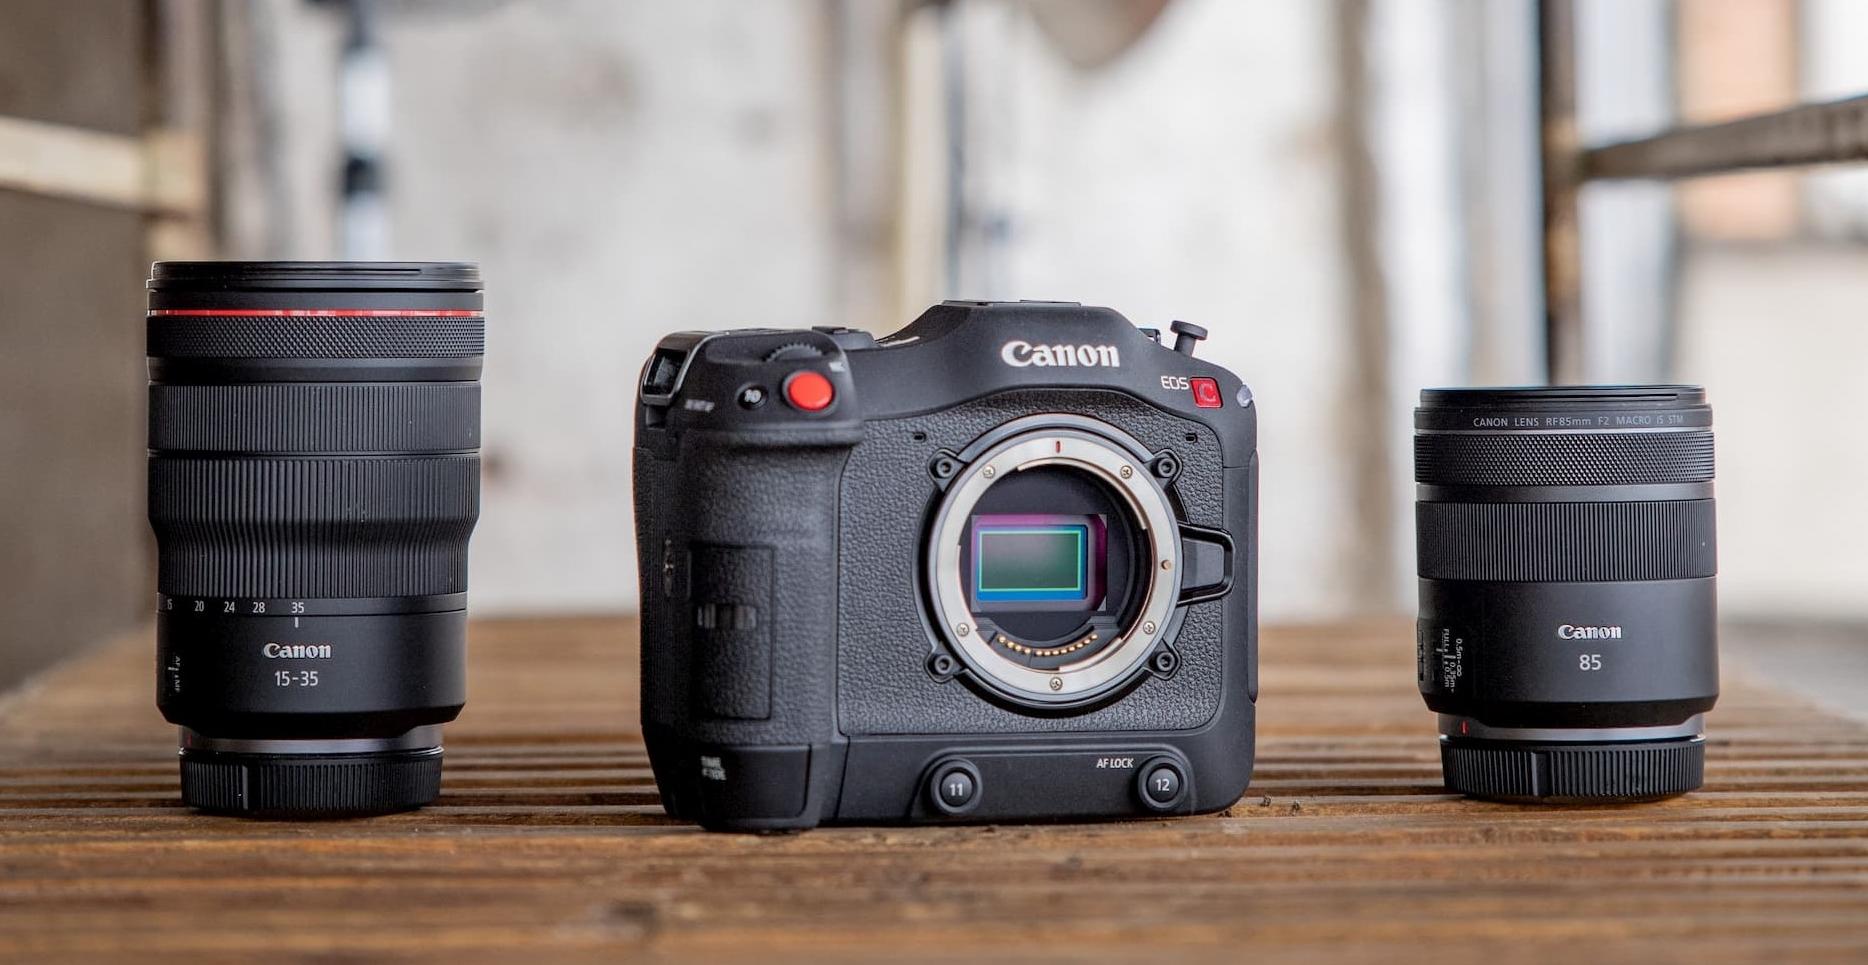 Canon 推出 4K 專業數位攝影機 EOS C70,採 RF 接環、支援 4K/120P 錄影